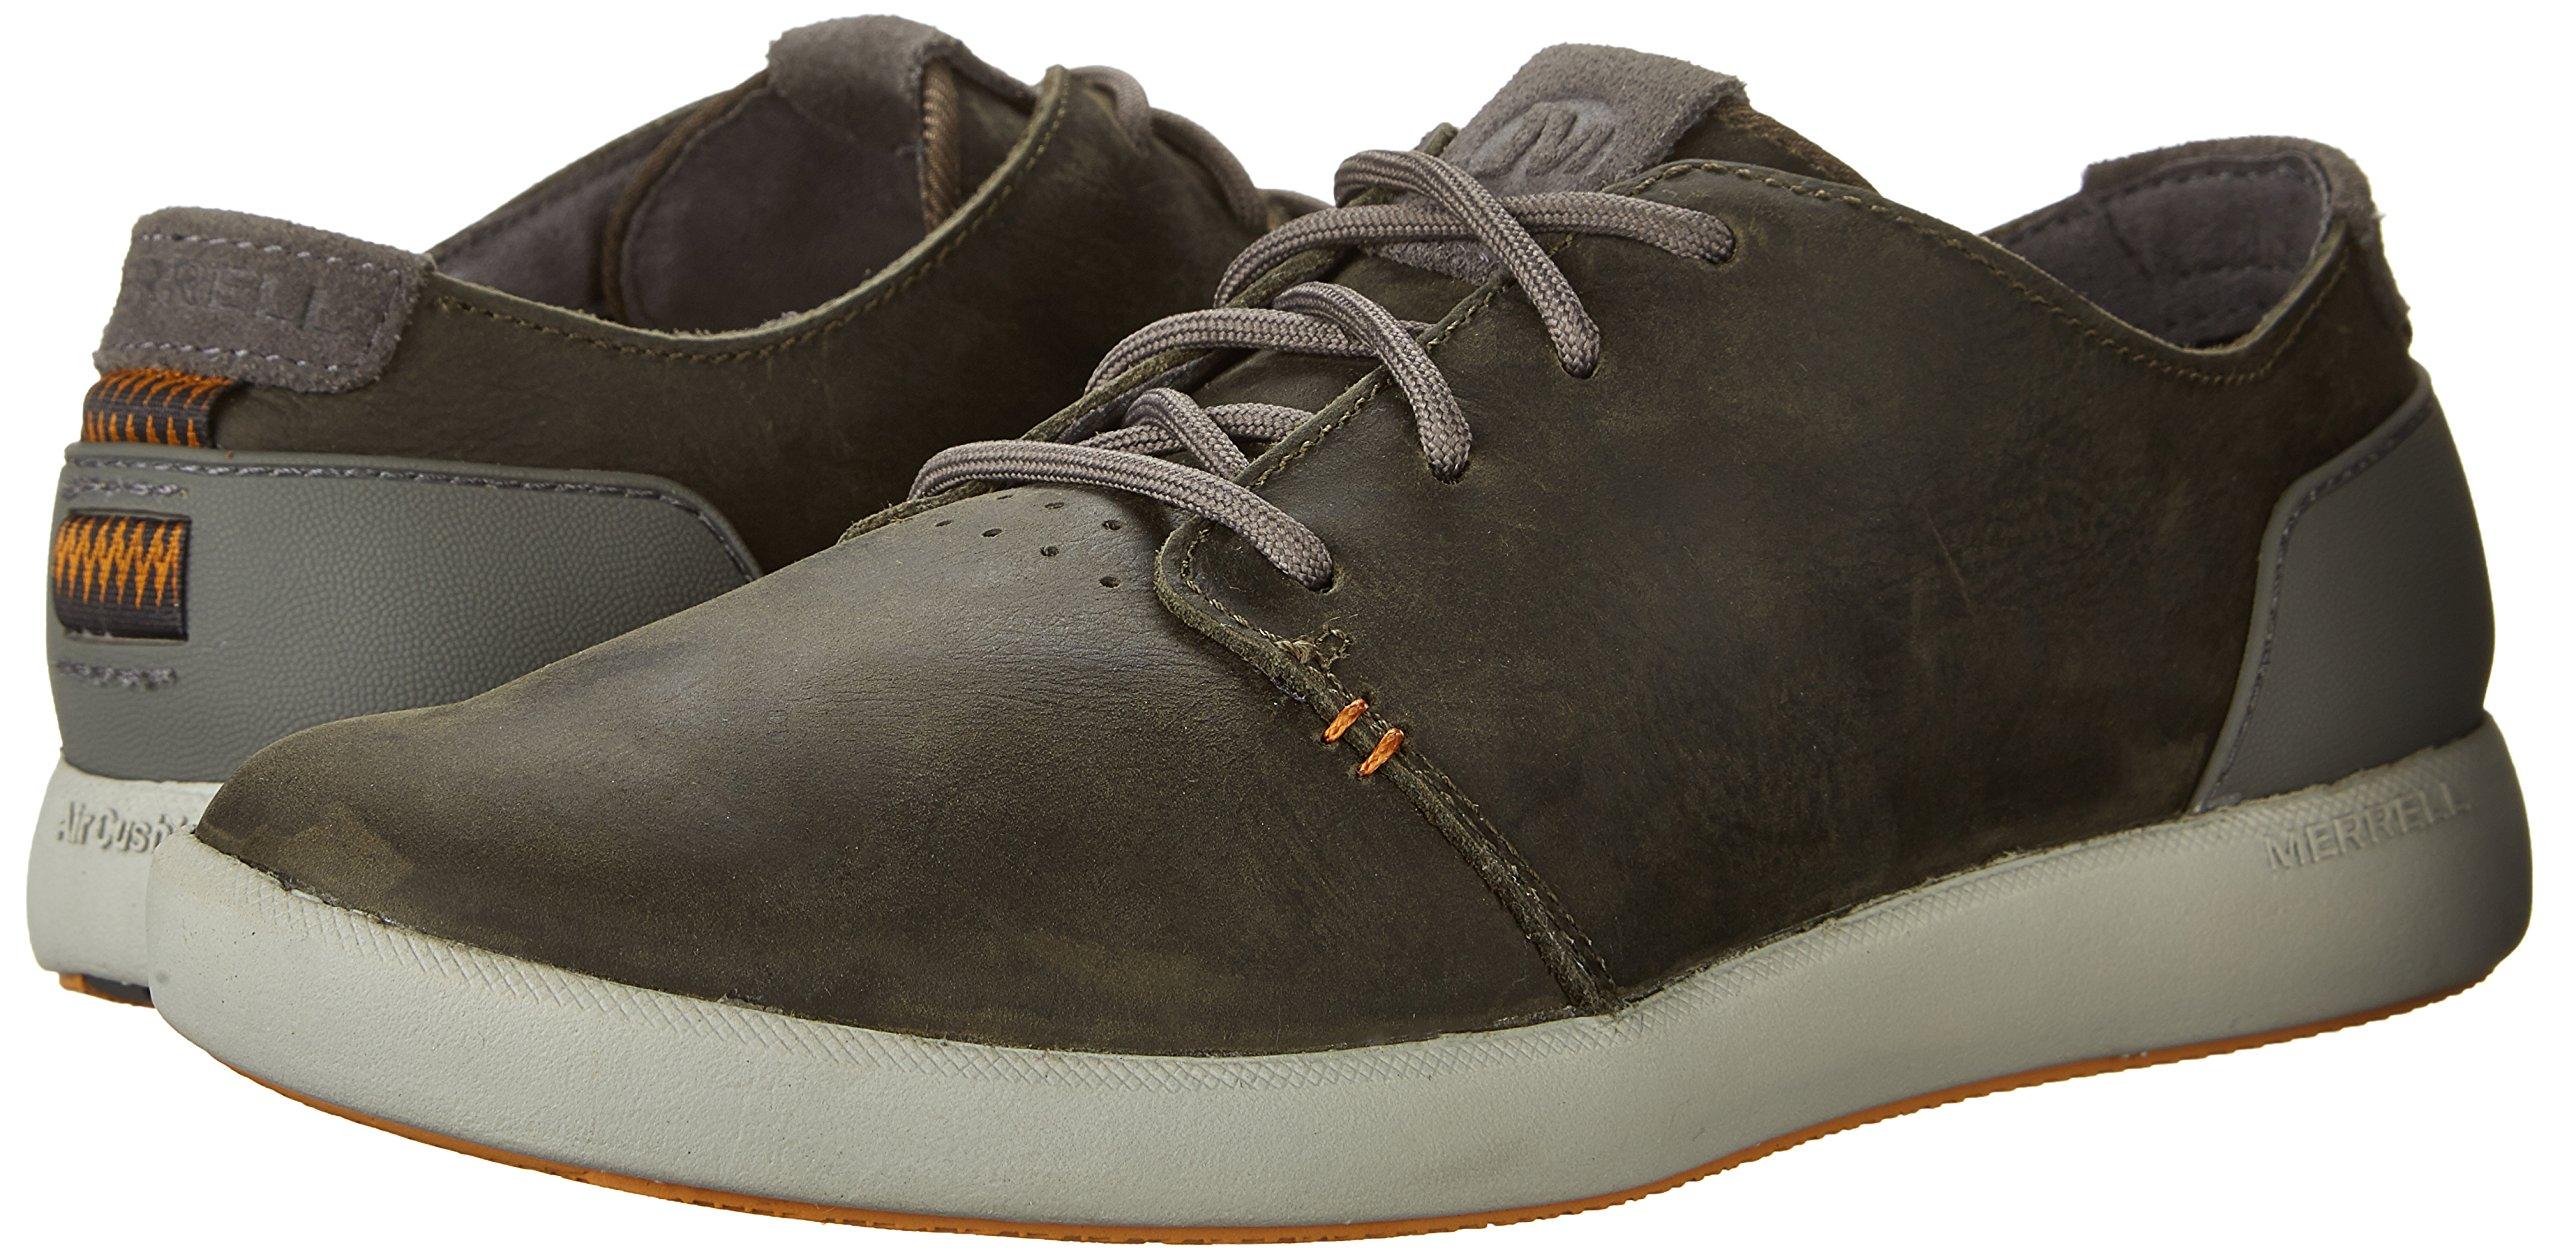 Merrell Men's Freewheel Lace Shoe- Buy